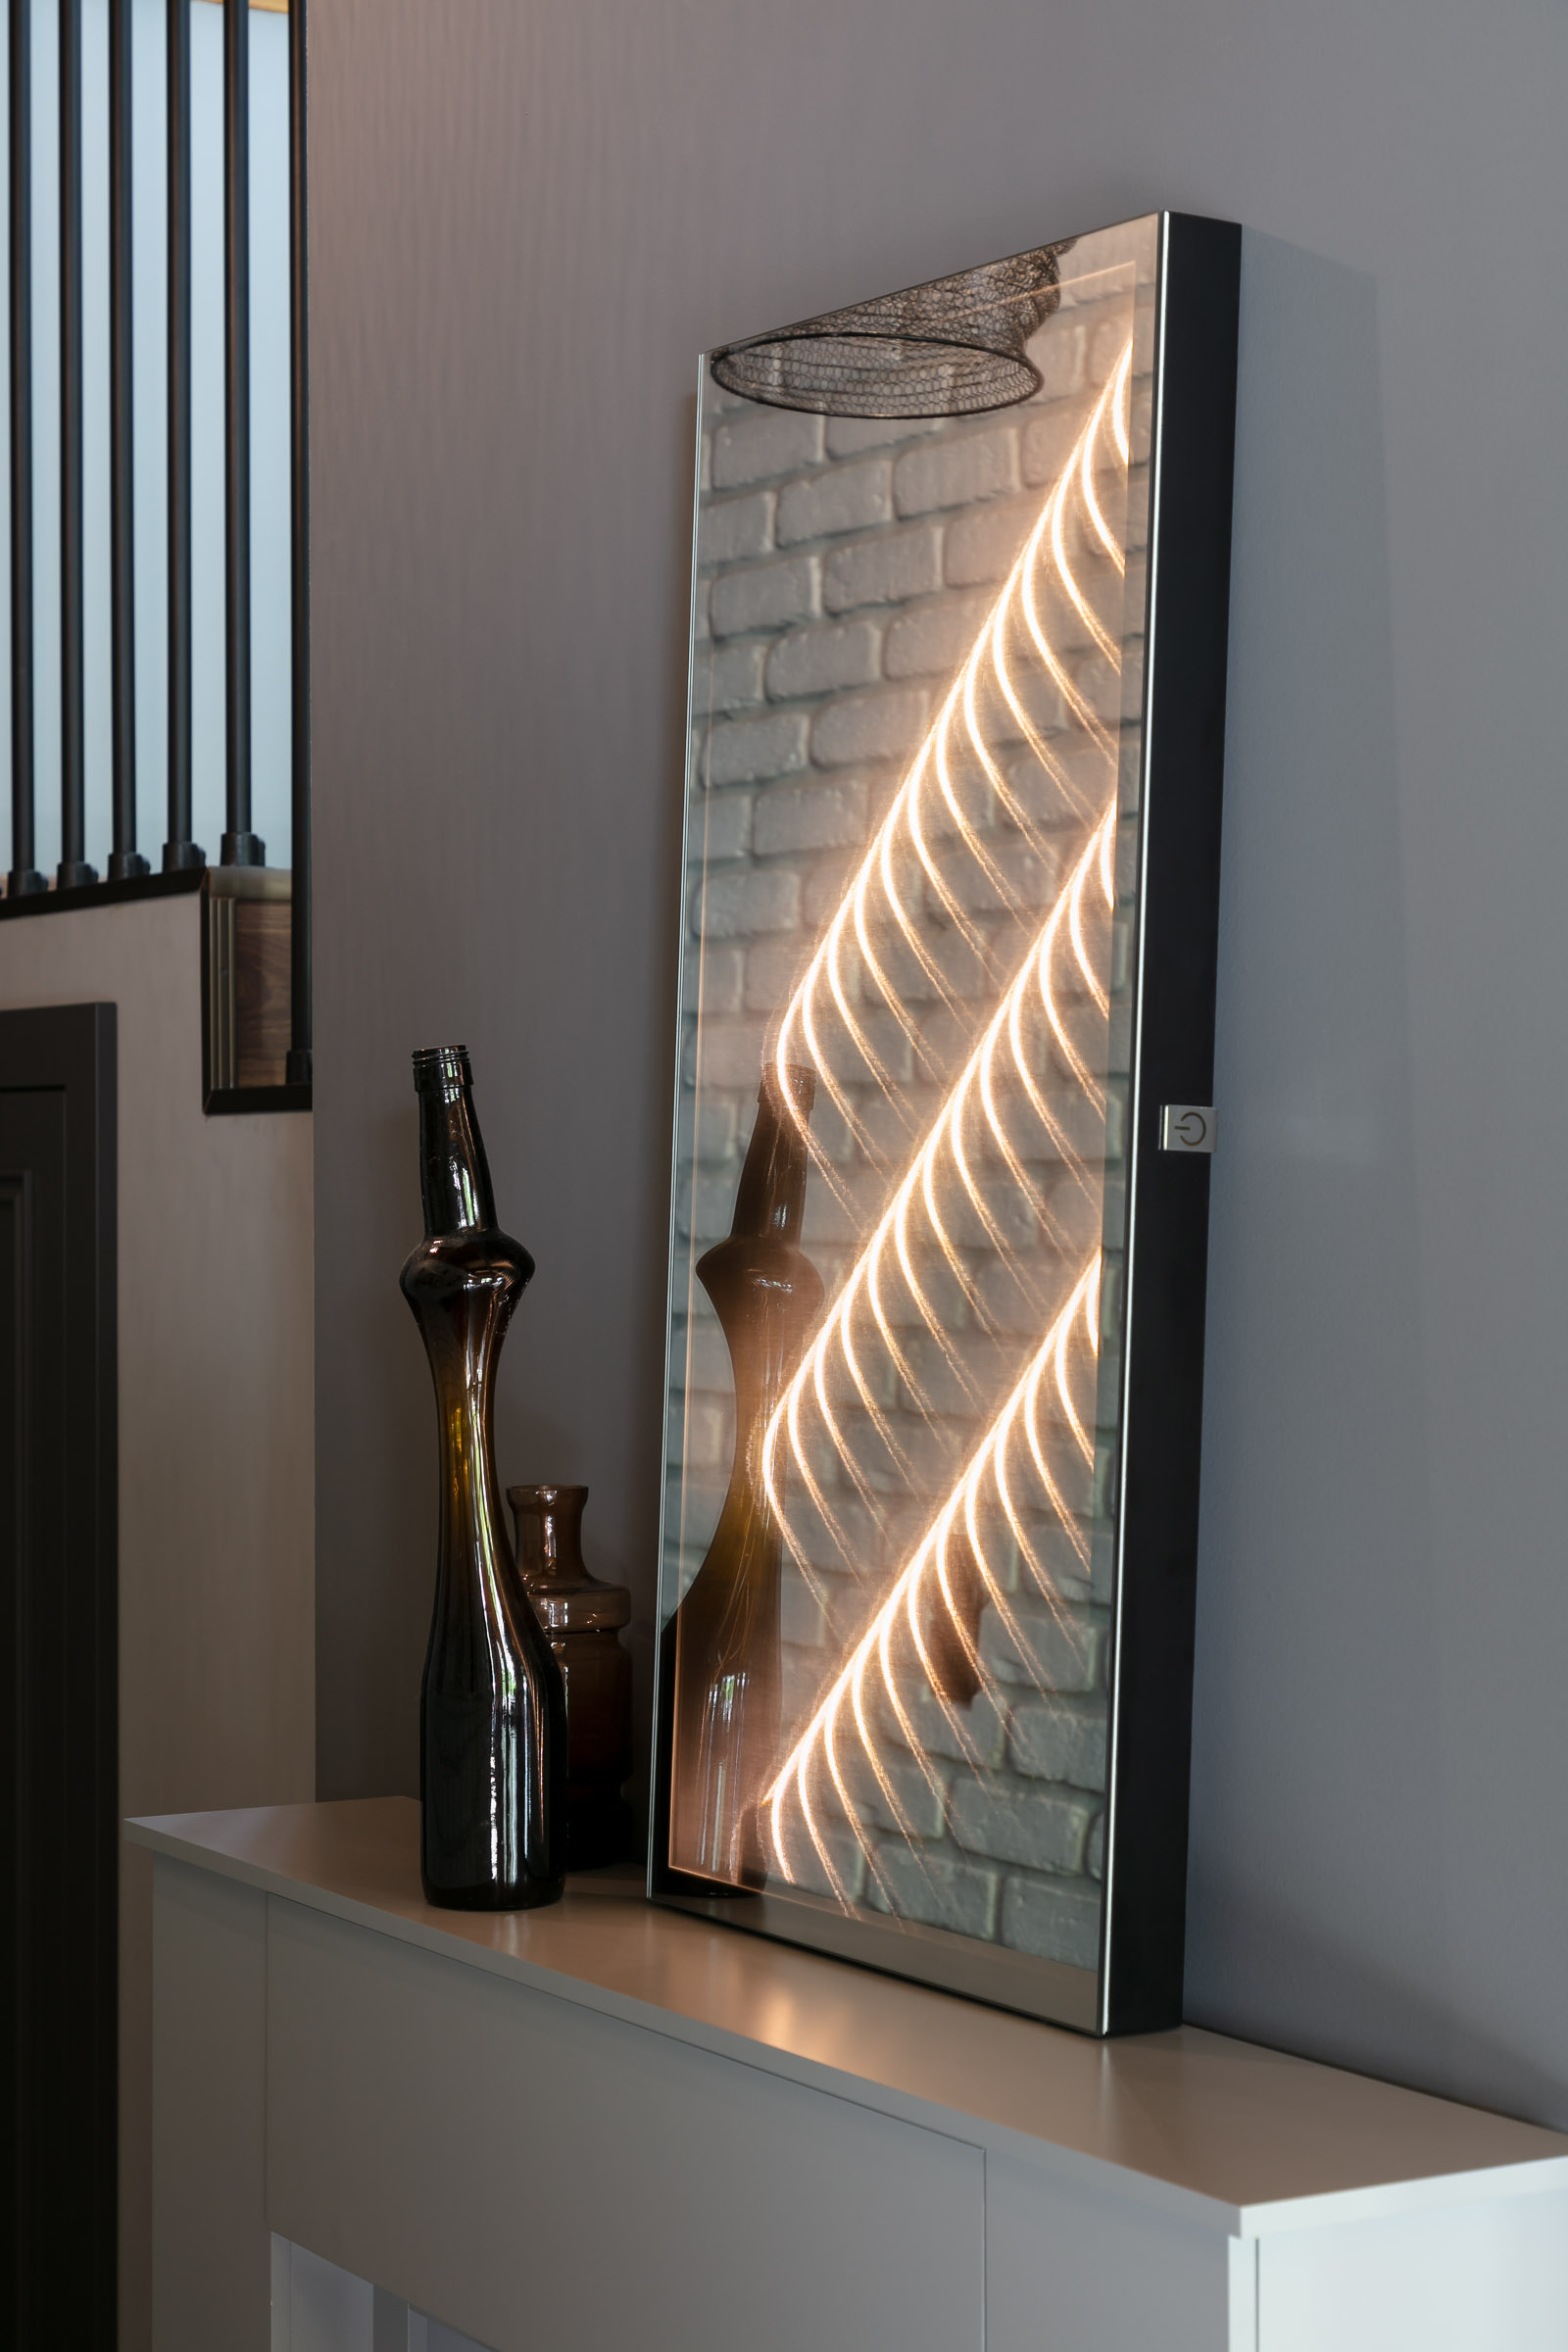 Ambiloom® Mirror 800 ist ein moderner Wandspiegel mit ambienter Beleuchtung. Das integrierte Licht schafft Tiefe und Wohlfühlatmosphäre.